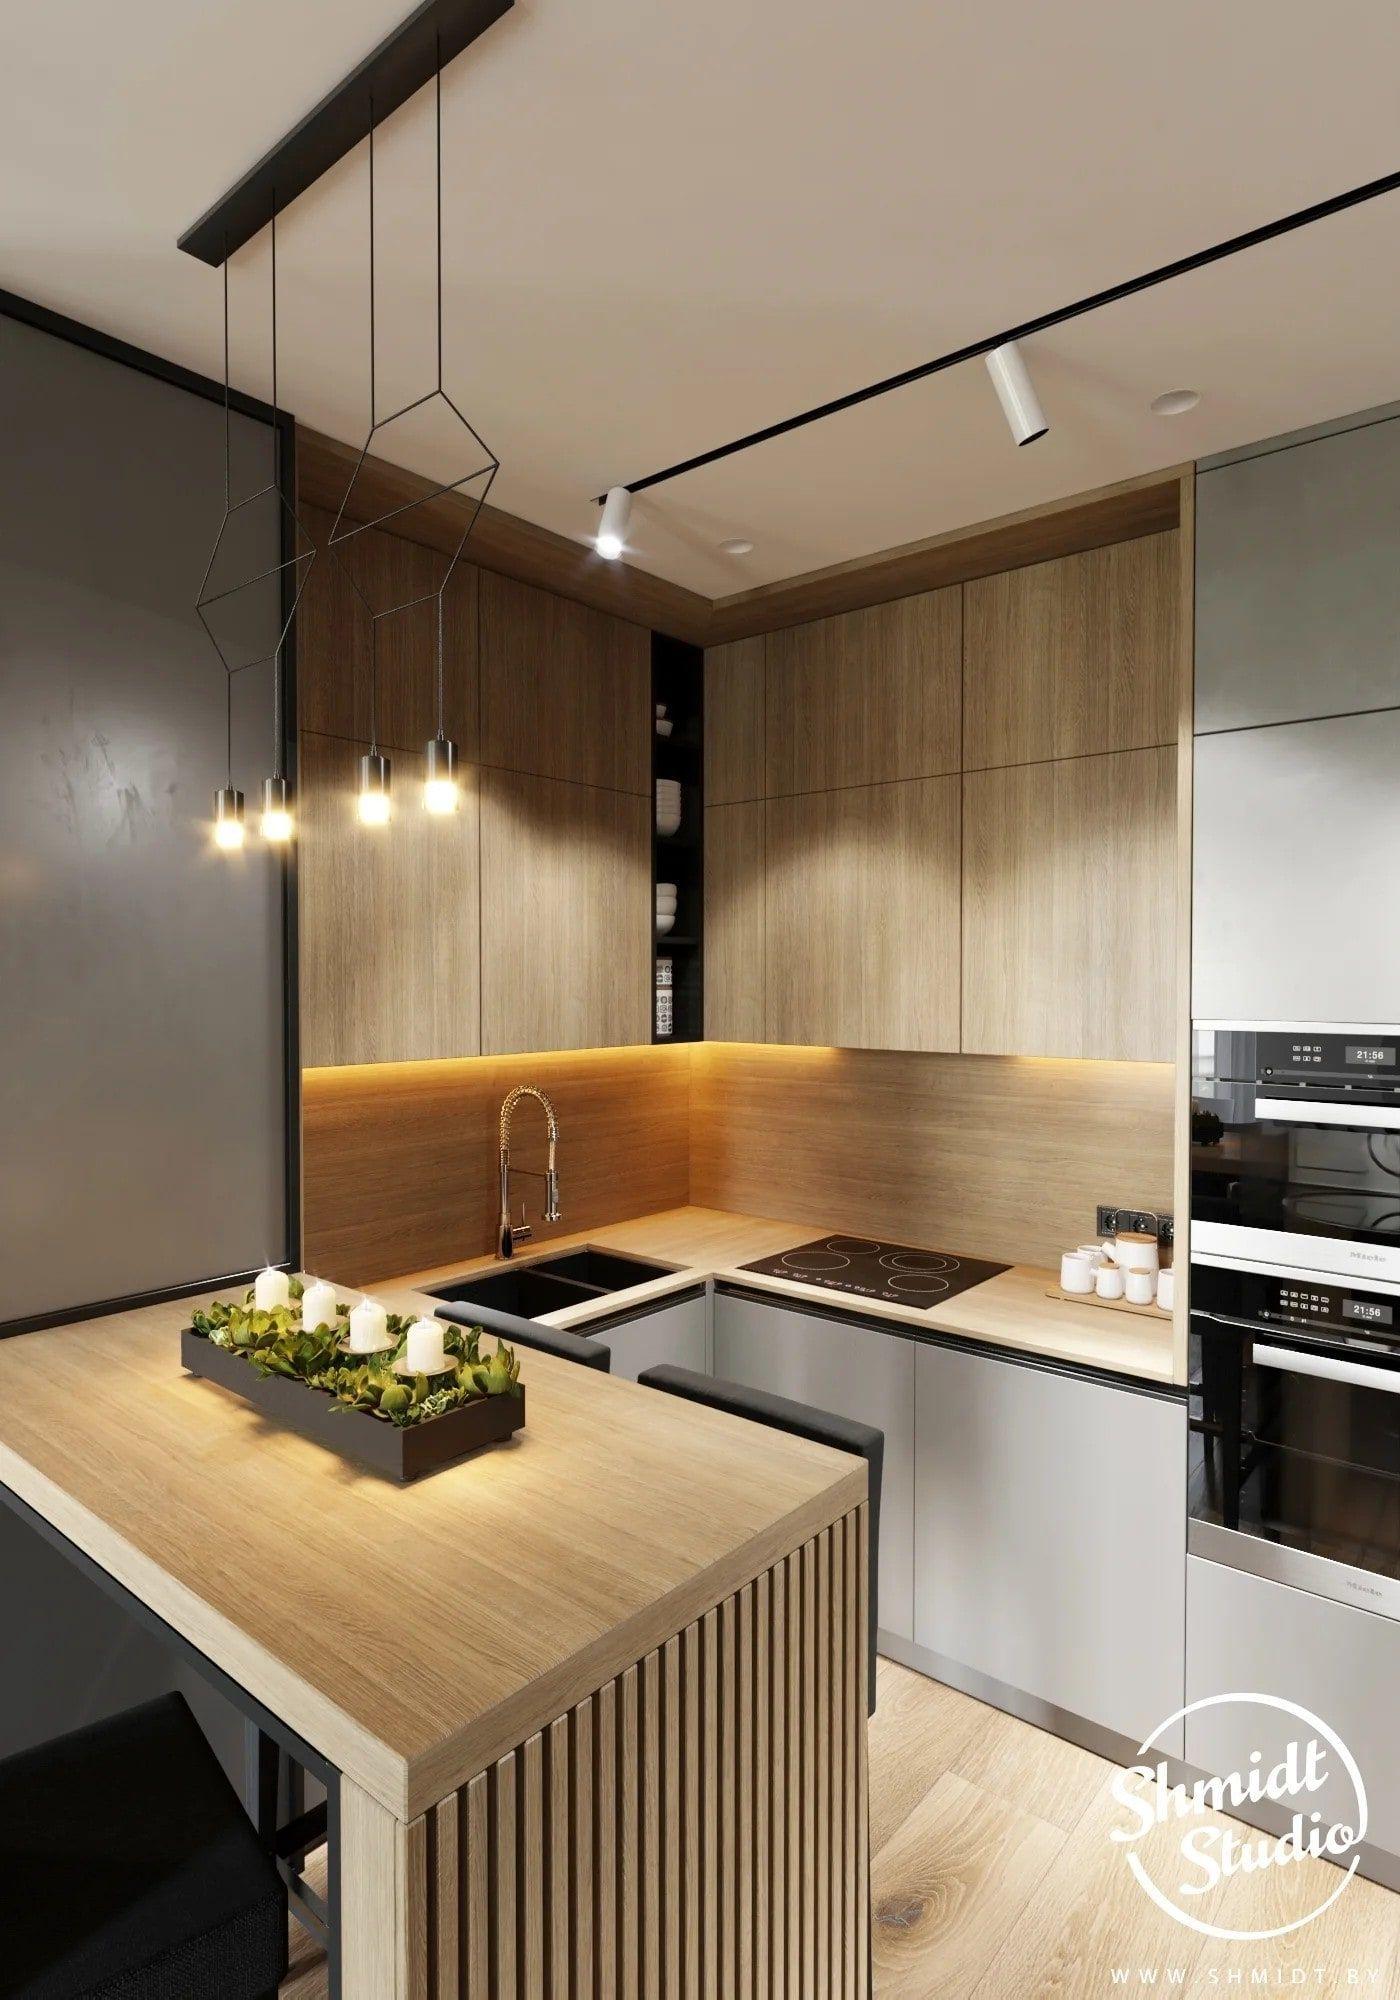 20++ Idee de cuisine moderne ideas